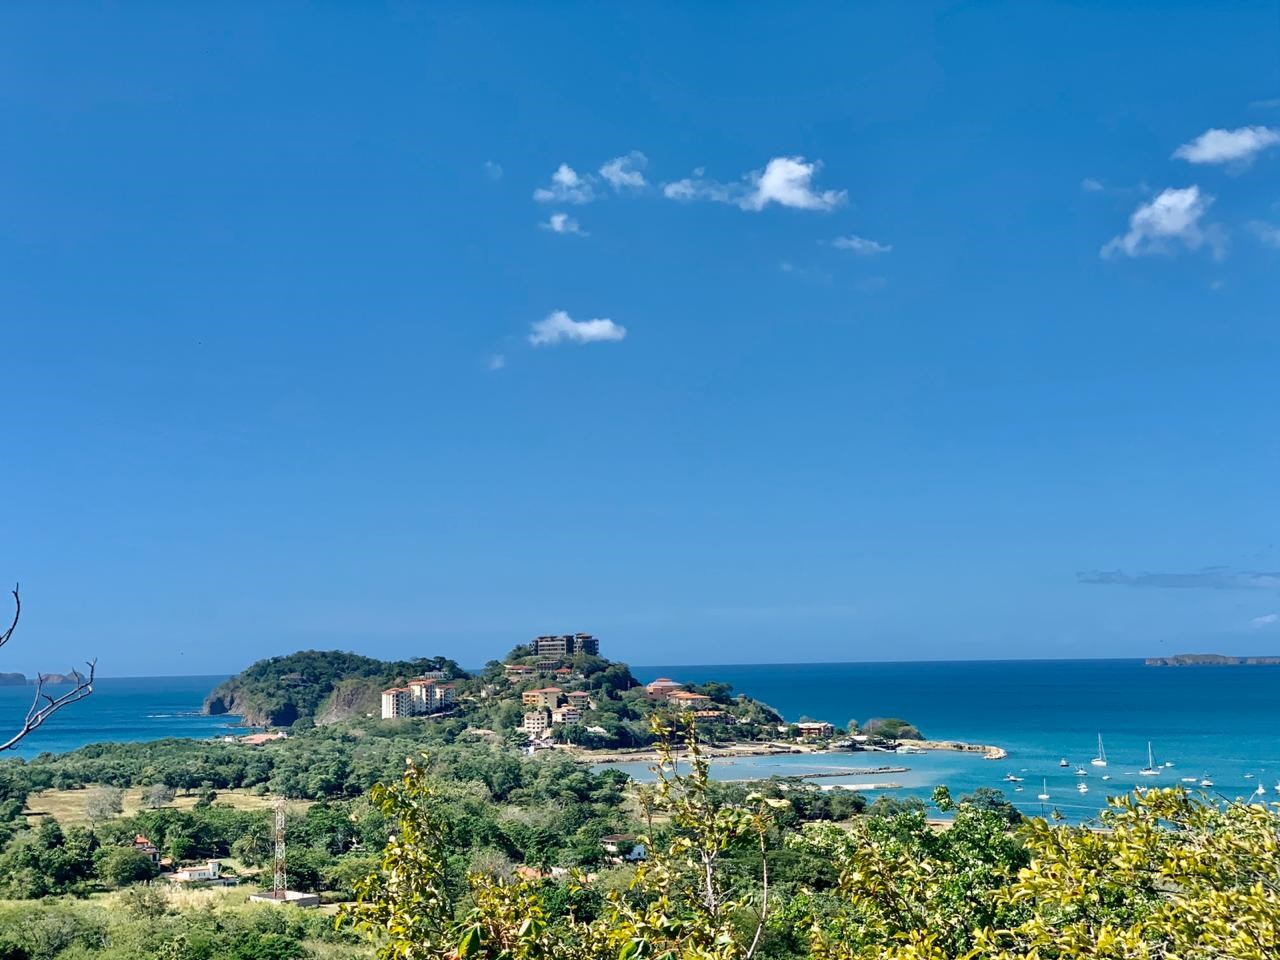 Costa Rica Ocean Front Resort Development Michael Krieg